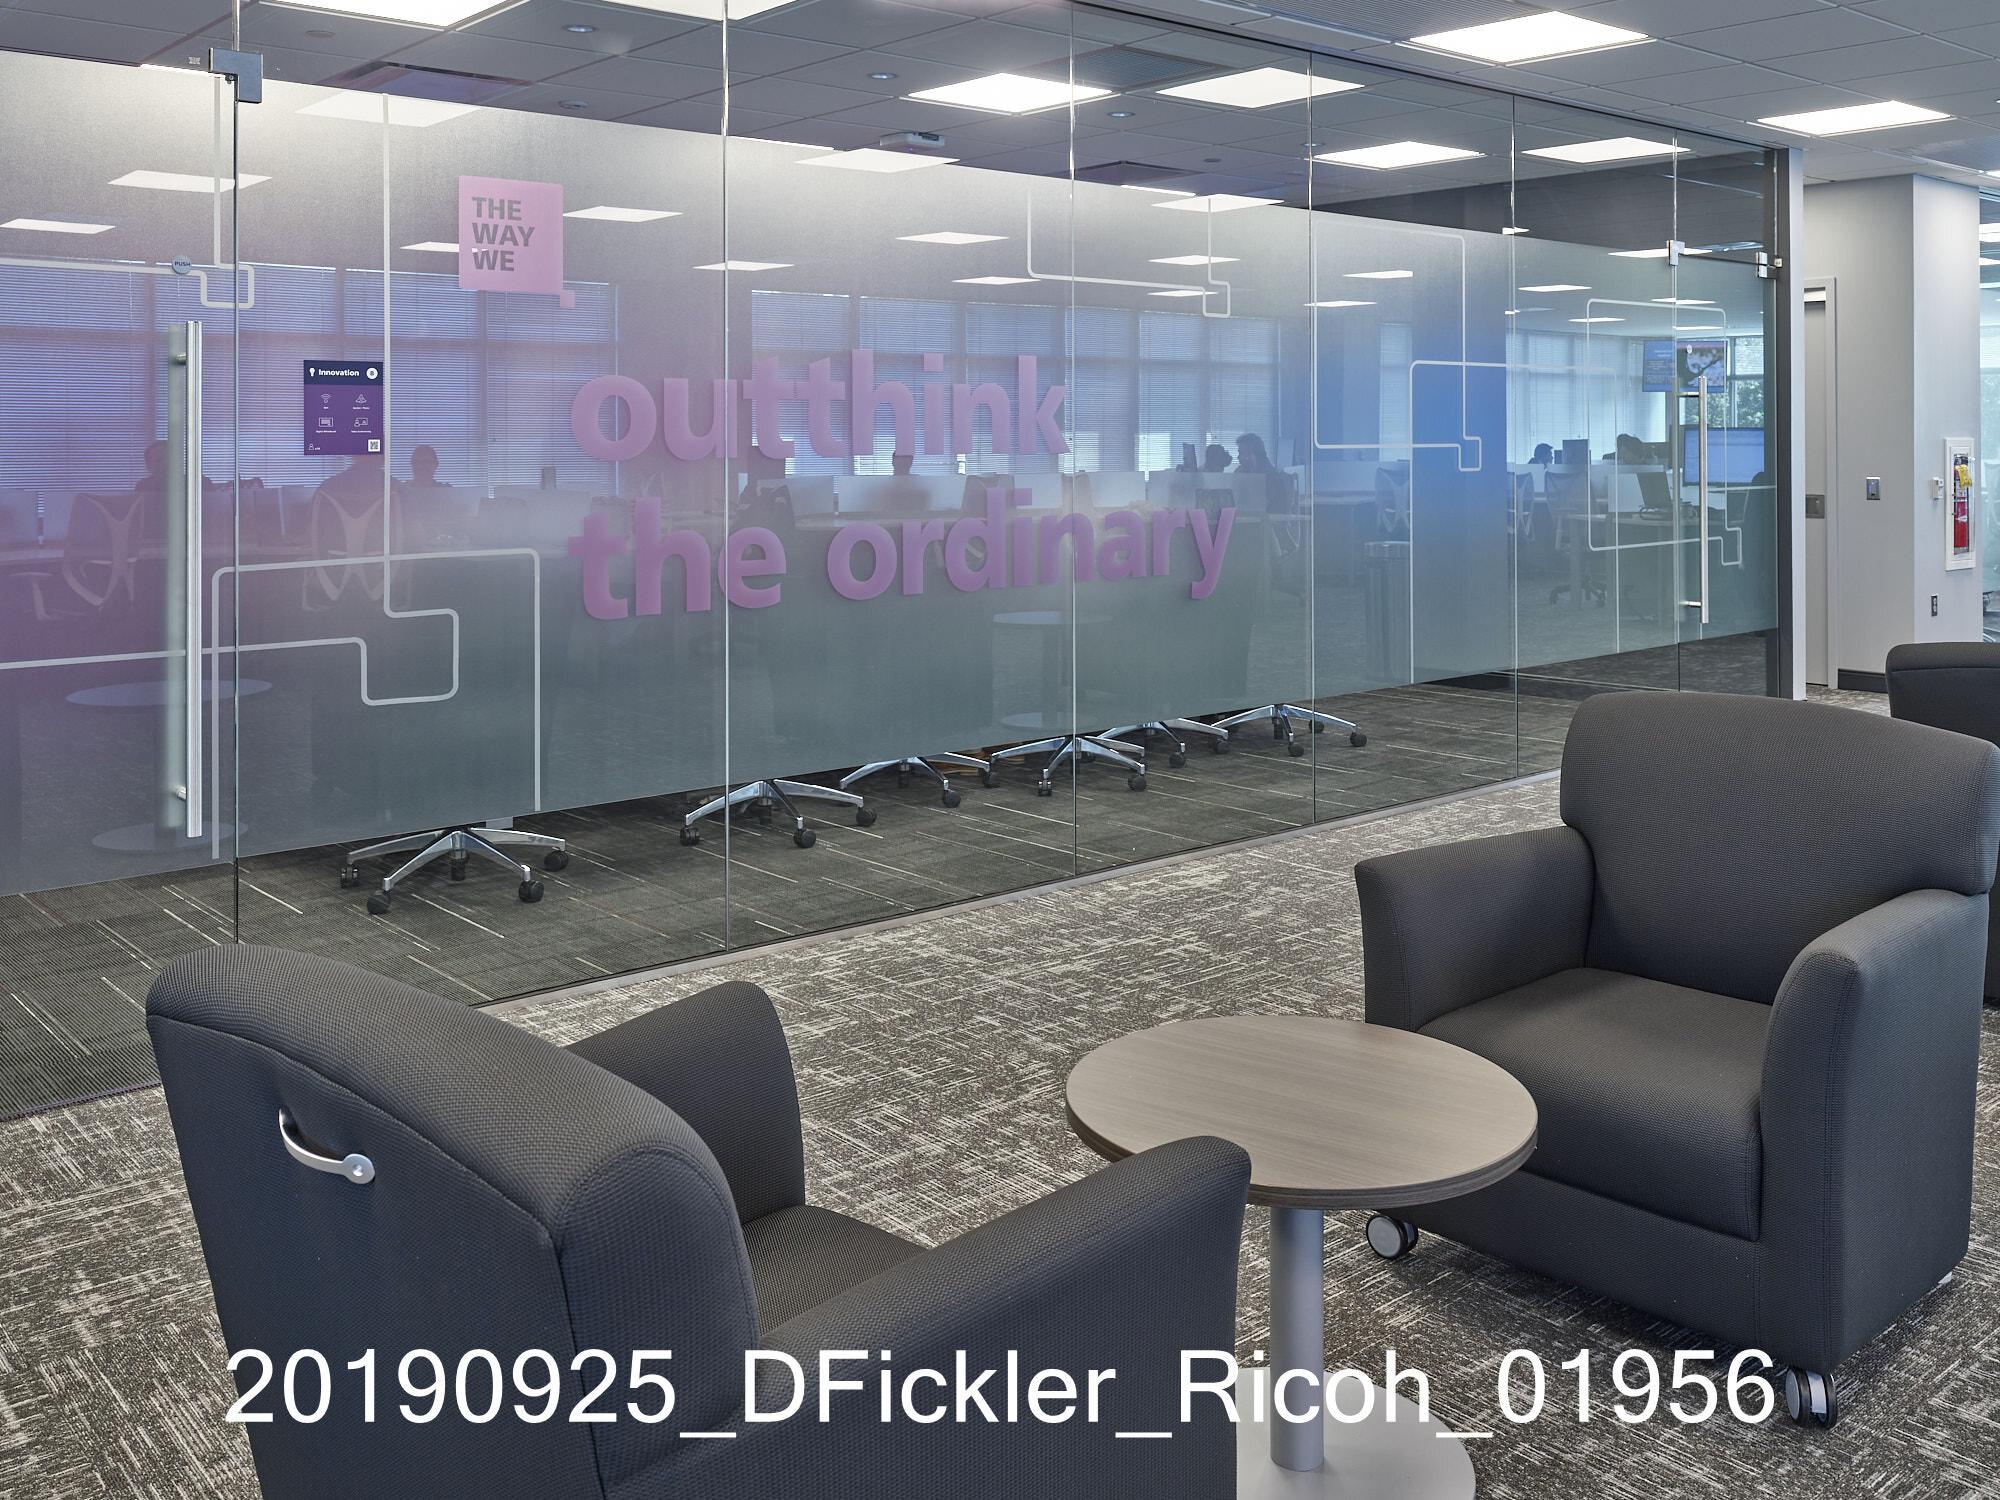 20190925_DFickler_Ricoh_01956.jpg